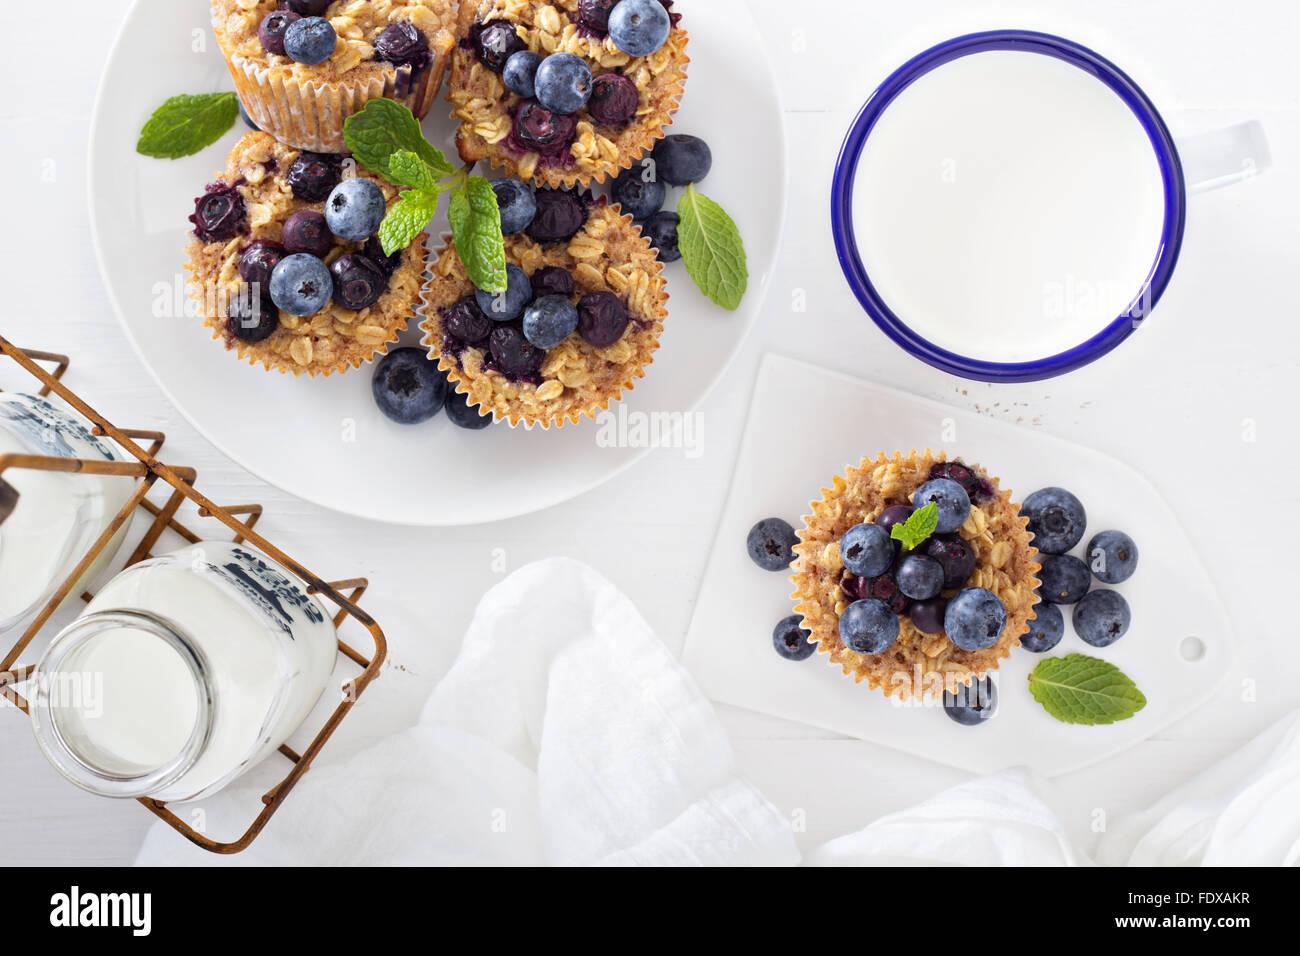 Gebackenes Haferflocken Muffins mit Heidelbeeren mit Milch serviert Stockbild